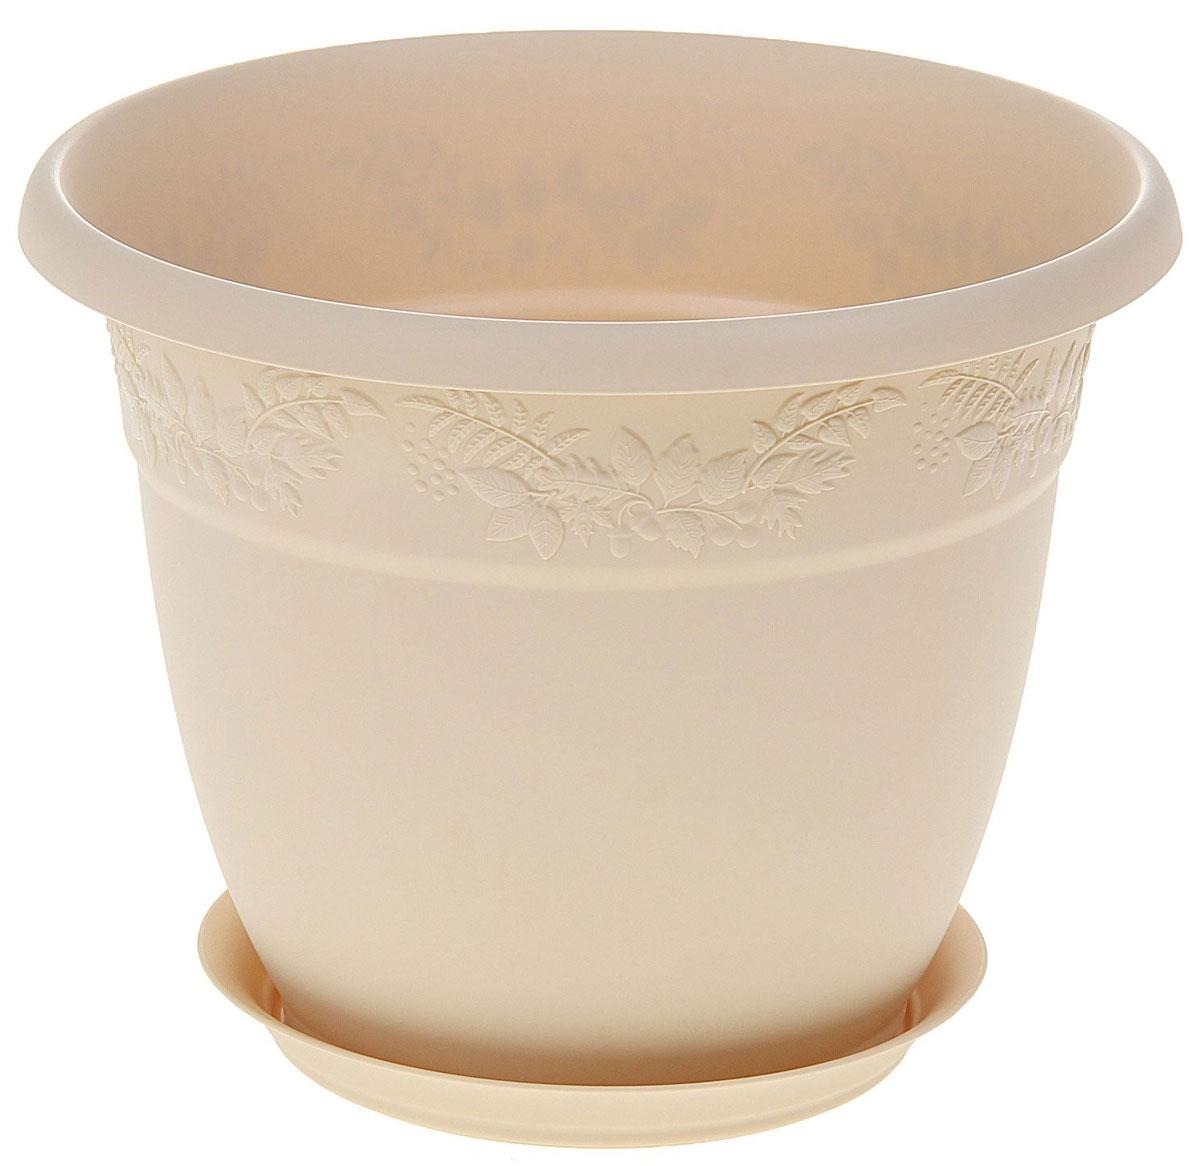 Кашпо Idea Рябина, с поддоном, цвет: белая глина, 14,7 лМ 3059Любой, даже самый современный и продуманный интерьер будет не завершенным без растений. Они не только очищают воздух и насыщают его кислородом, но и заметно украшают окружающее пространство. Такому полезному члену семьи просто необходимо красивое и функциональное кашпо, оригинальный горшок или необычная ваза! Мы предлагаем - Кашпо 14,7 л Рябина d=35 см , с поддоном, цвет белая глина! Оптимальный выбор материала - это пластмасса! Почему мы так считаем? Малый вес. С легкостью переносите горшки и кашпо с места на место, ставьте их на столики или полки, подвешивайте под потолок, не беспокоясь о нагрузке. Простота ухода. Пластиковые изделия не нуждаются в специальных условиях хранения. Их легко чистить достаточно просто сполоснуть теплой водой. Никаких царапин. Пластиковые кашпо не царапают и не загрязняют поверхности, на которых стоят. Пластик дольше хранит влагу, а значит растение реже нуждается в поливе. Пластмасса не пропускает воздух корневой системе растения не грозят резкие перепады температур. Огромный выбор форм, декора и расцветок вы без труда подберете что-то, что идеально впишется в уже существующий интерьер. Соблюдая нехитрые правила ухода, вы можете заметно продлить срок службы горшков, вазонов и кашпо из пластика: всегда учитывайте размер кроны и корневой системы растения (при разрастании большое растение способно повредить маленький горшок) берегите изделие от воздействия прямых солнечных лучей, чтобы кашпо и горшки не выцветали держите кашпо и горшки из пластика подальше от нагревающихся поверхностей. Создавайте прекрасные цветочные композиции, выращивайте рассаду или необычные растения, а низкие цены позволят вам не ограничивать себя в выборе.